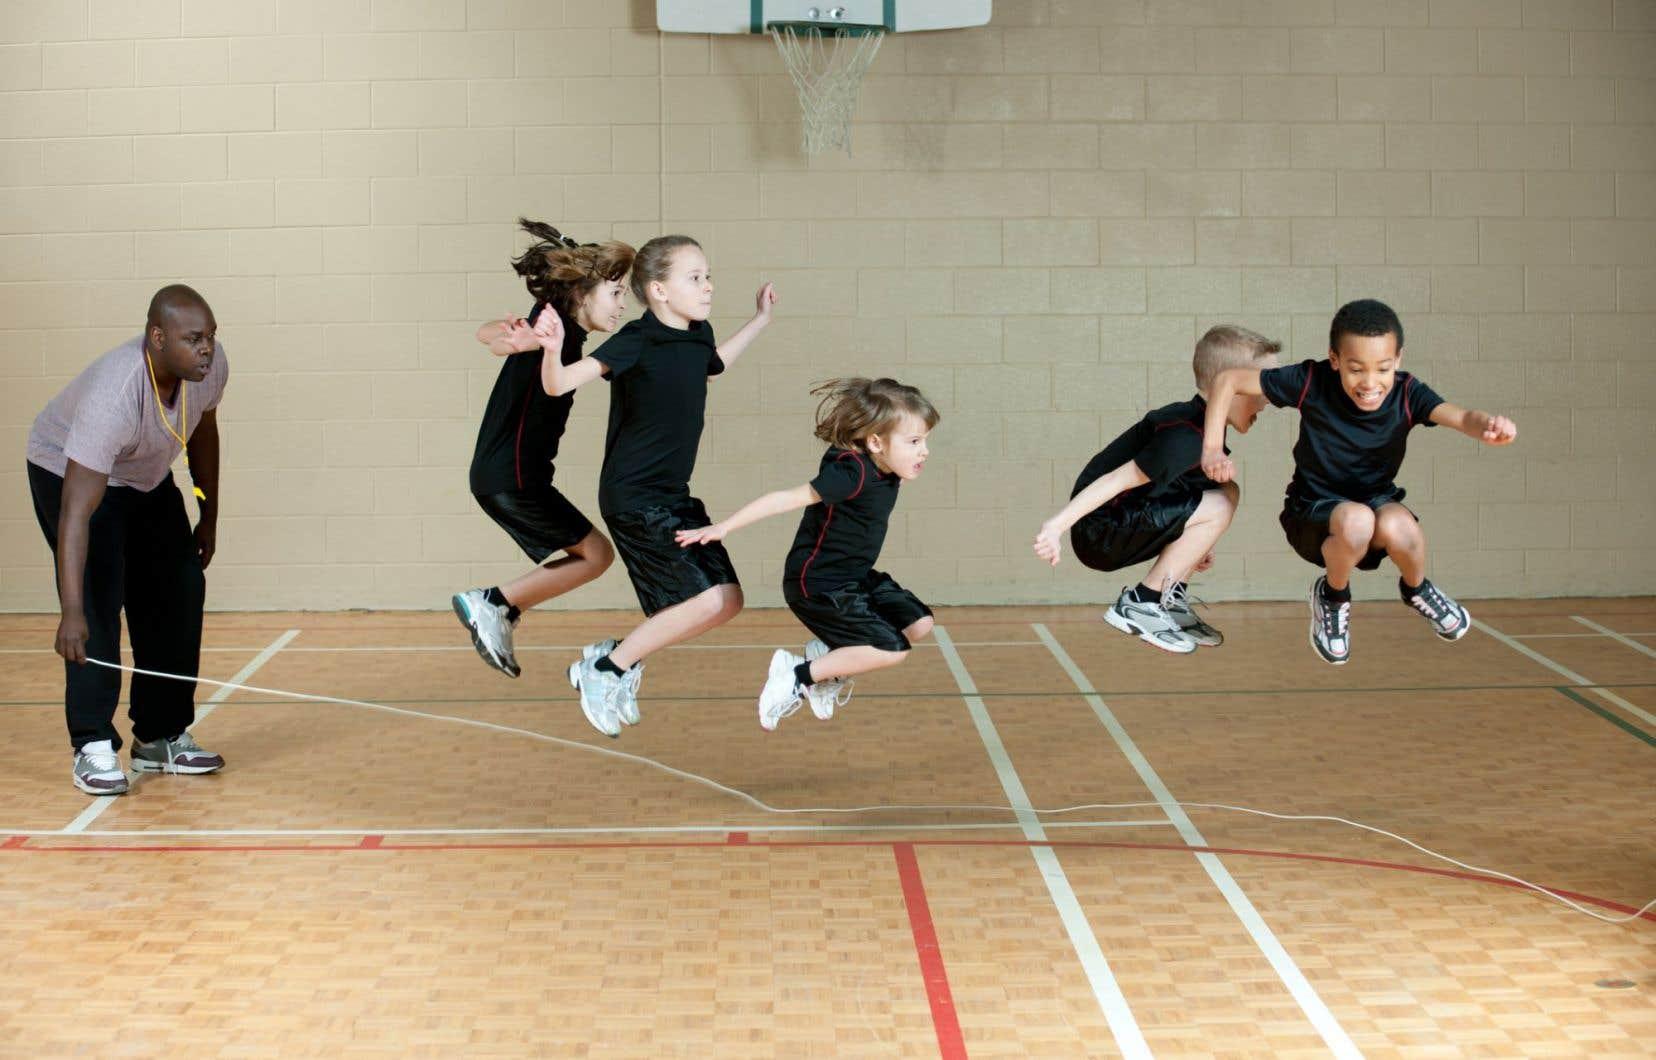 Afin de déployer pleinement le potentiel du sport pour la réussite éducative, une plus grande reconnaissance des intervenants oeuvrant dans ce secteur est nécessaire, estiment les auteurs.